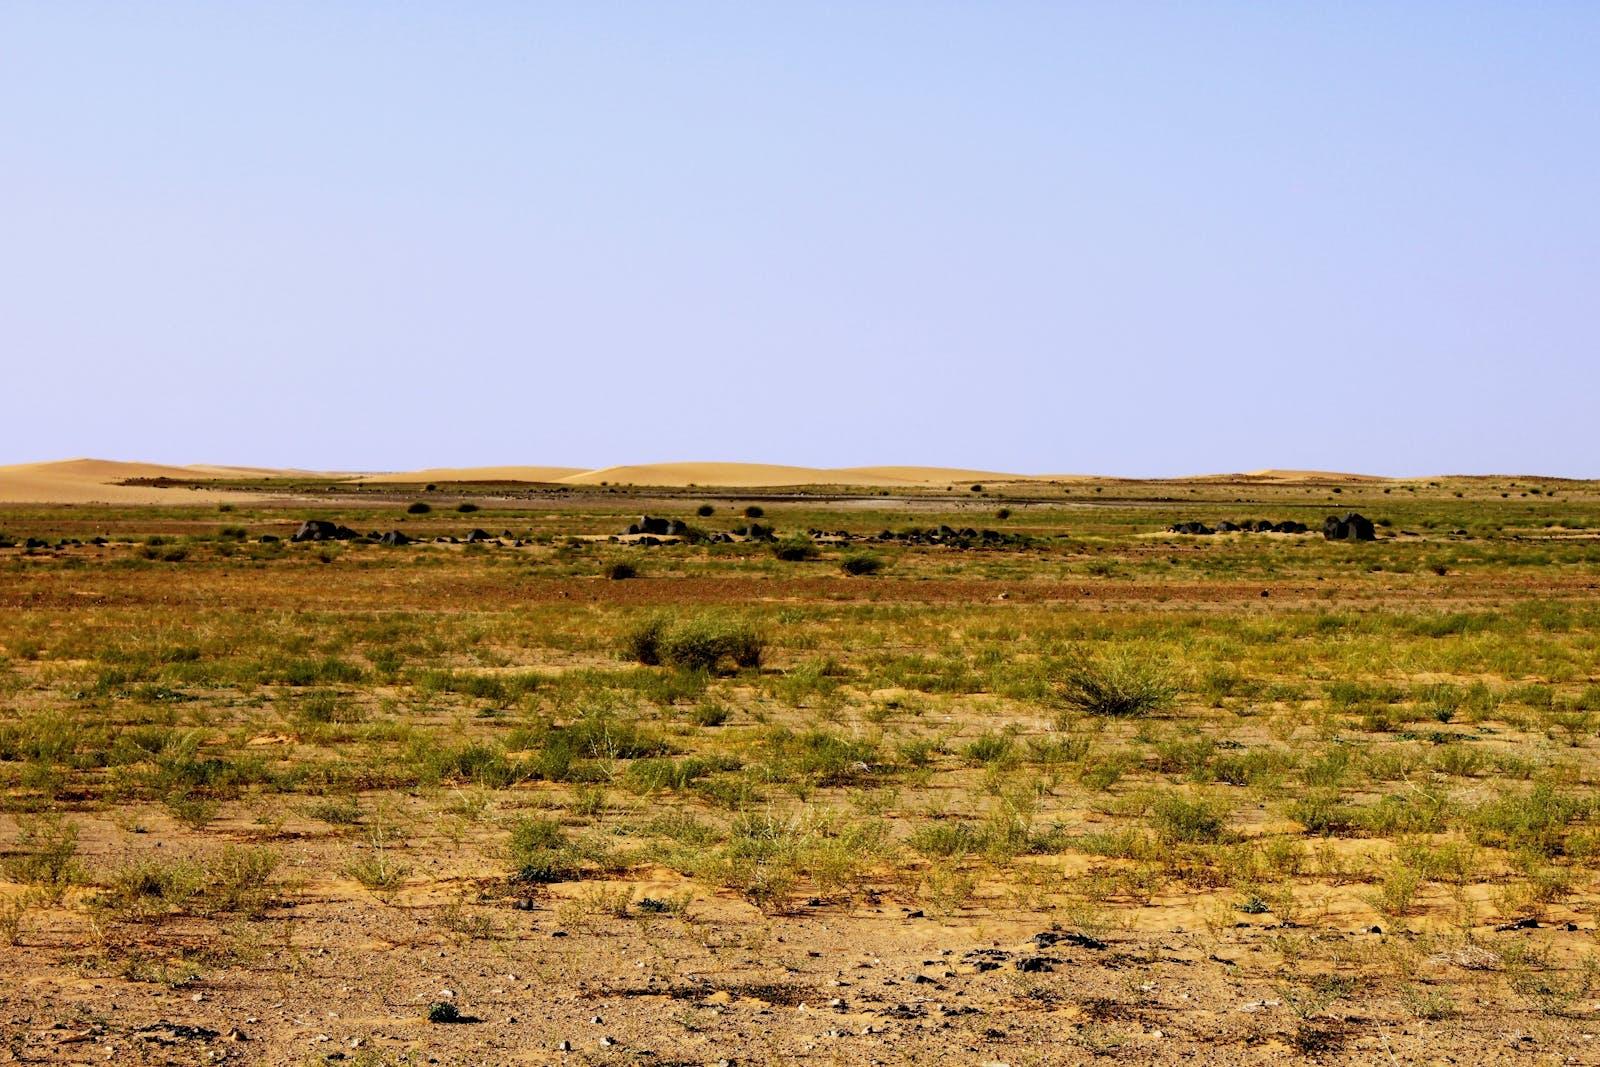 South Sahara Desert